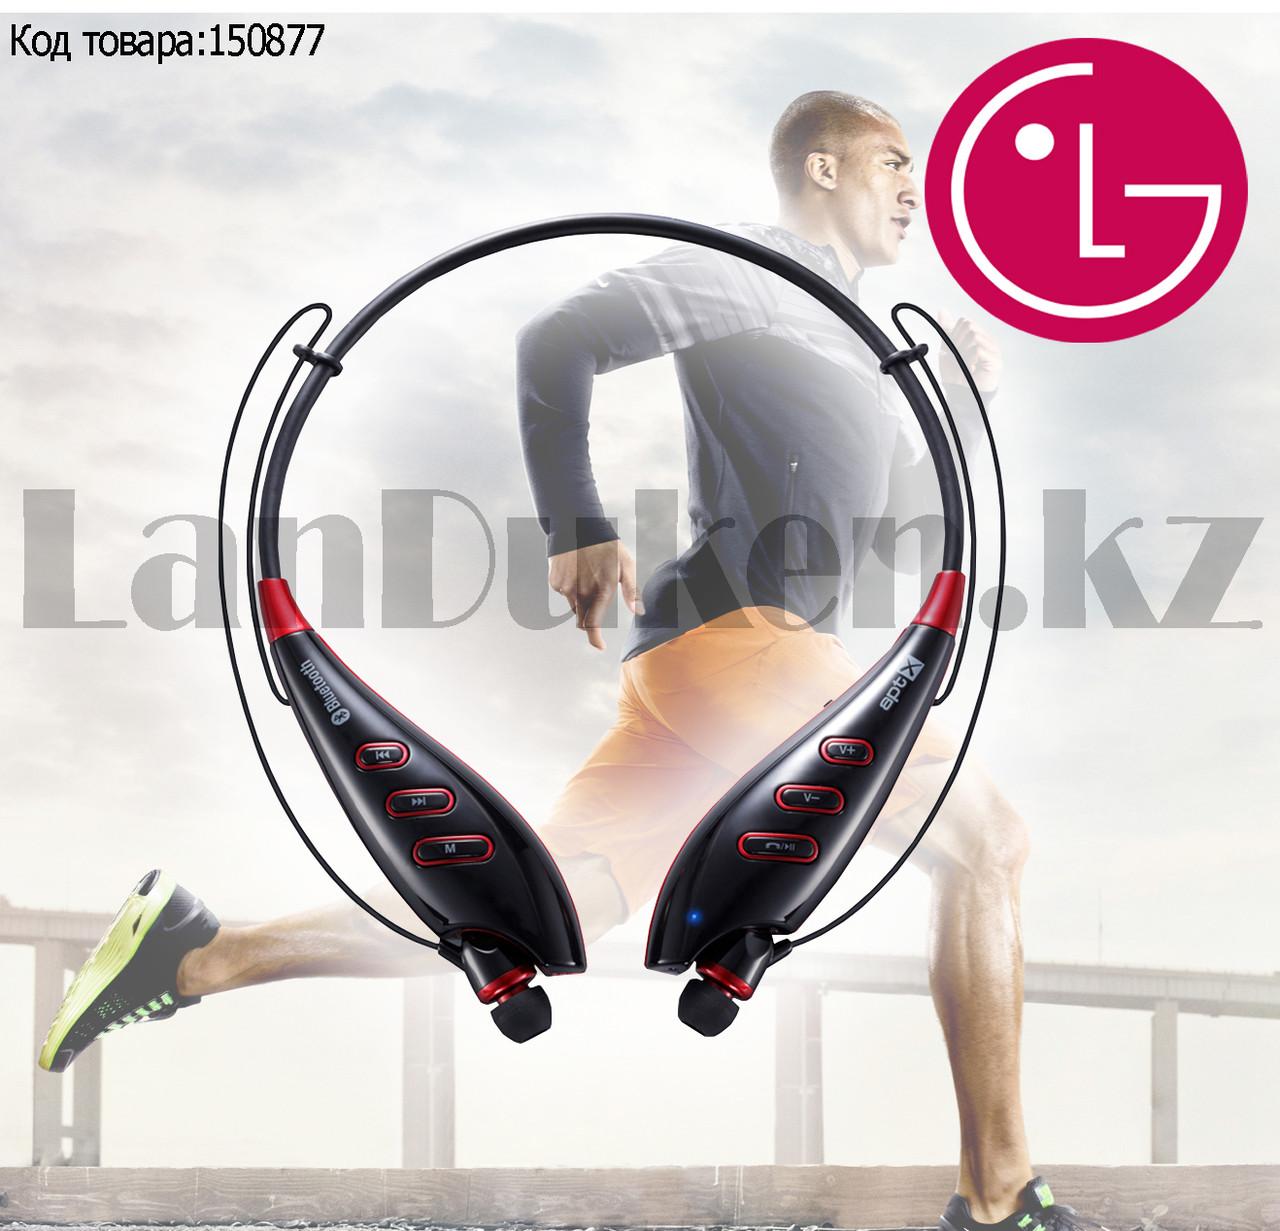 Беспроводные стерео Bluetooth наушники LG-S740T черные - фото 1